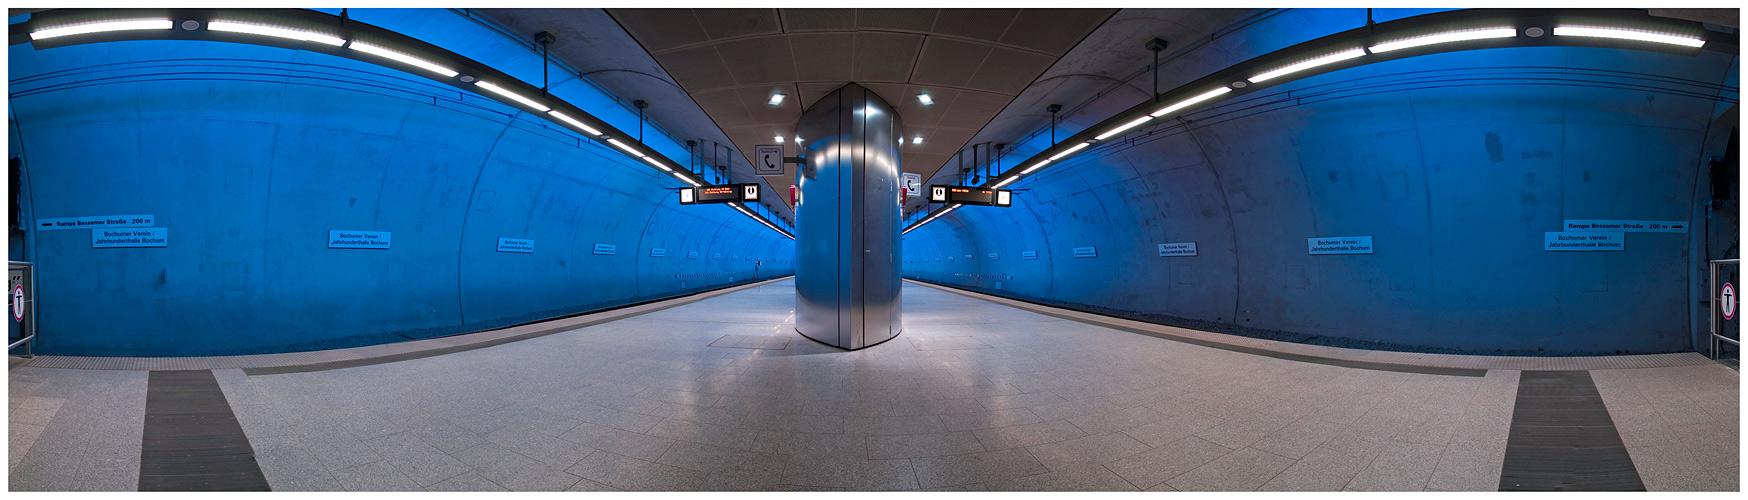 Bochum Underground